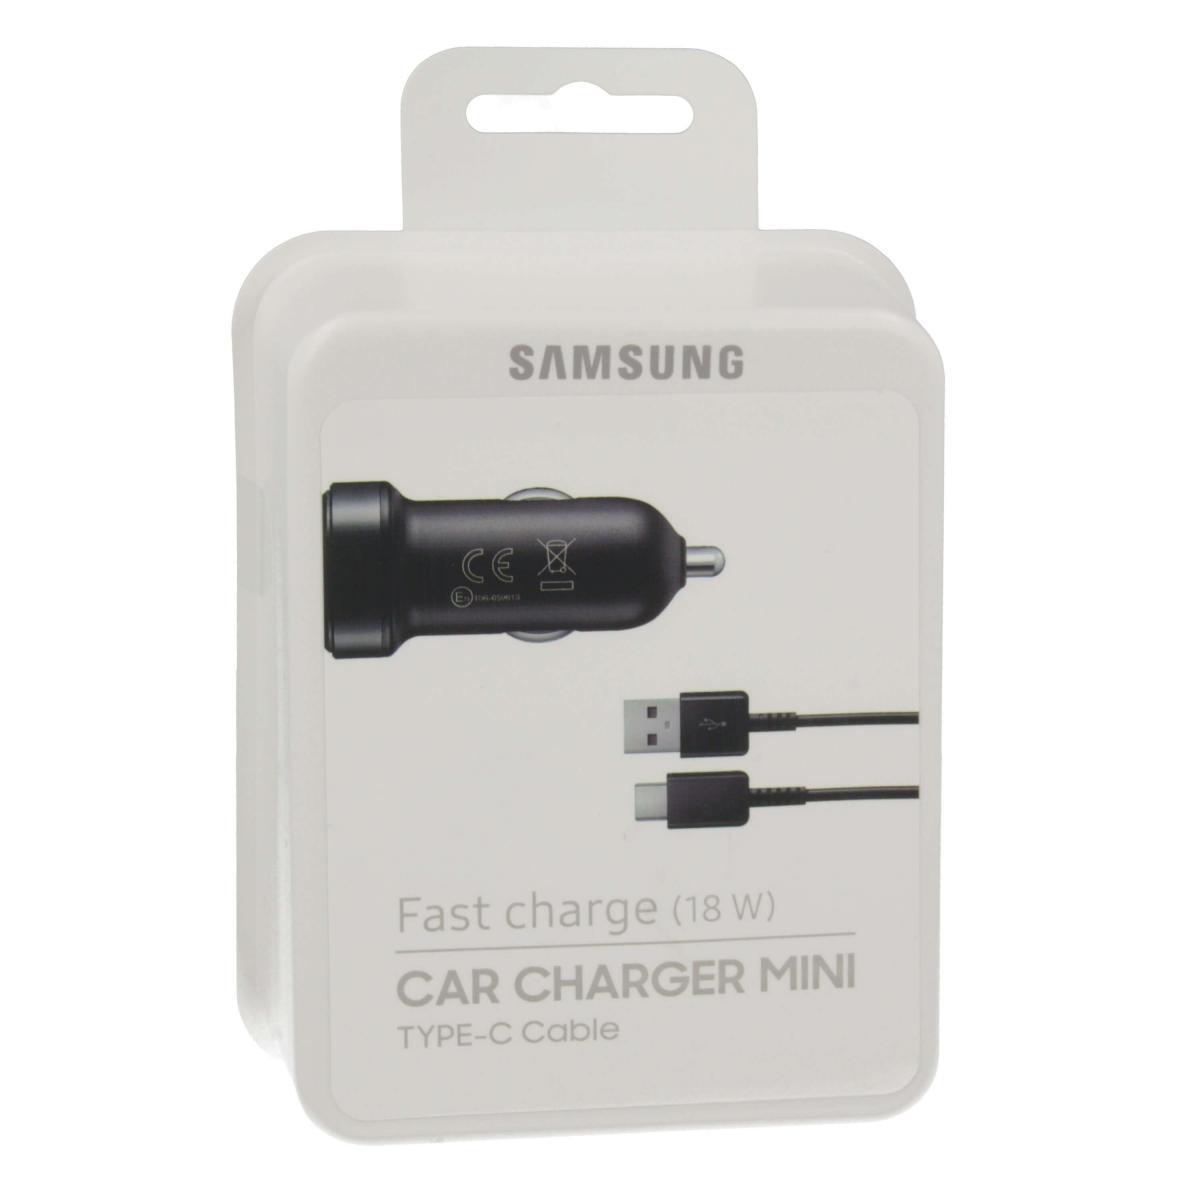 Автомобильное зарядное устройство Samsung (18W) (USB) + кабель (Type-C) 150 см blackАвтомобильные зарядные устройства<br>Автомобильное зарядное устройство Samsung (18W) (USB) + кабель (Type-C) 150 см black<br>